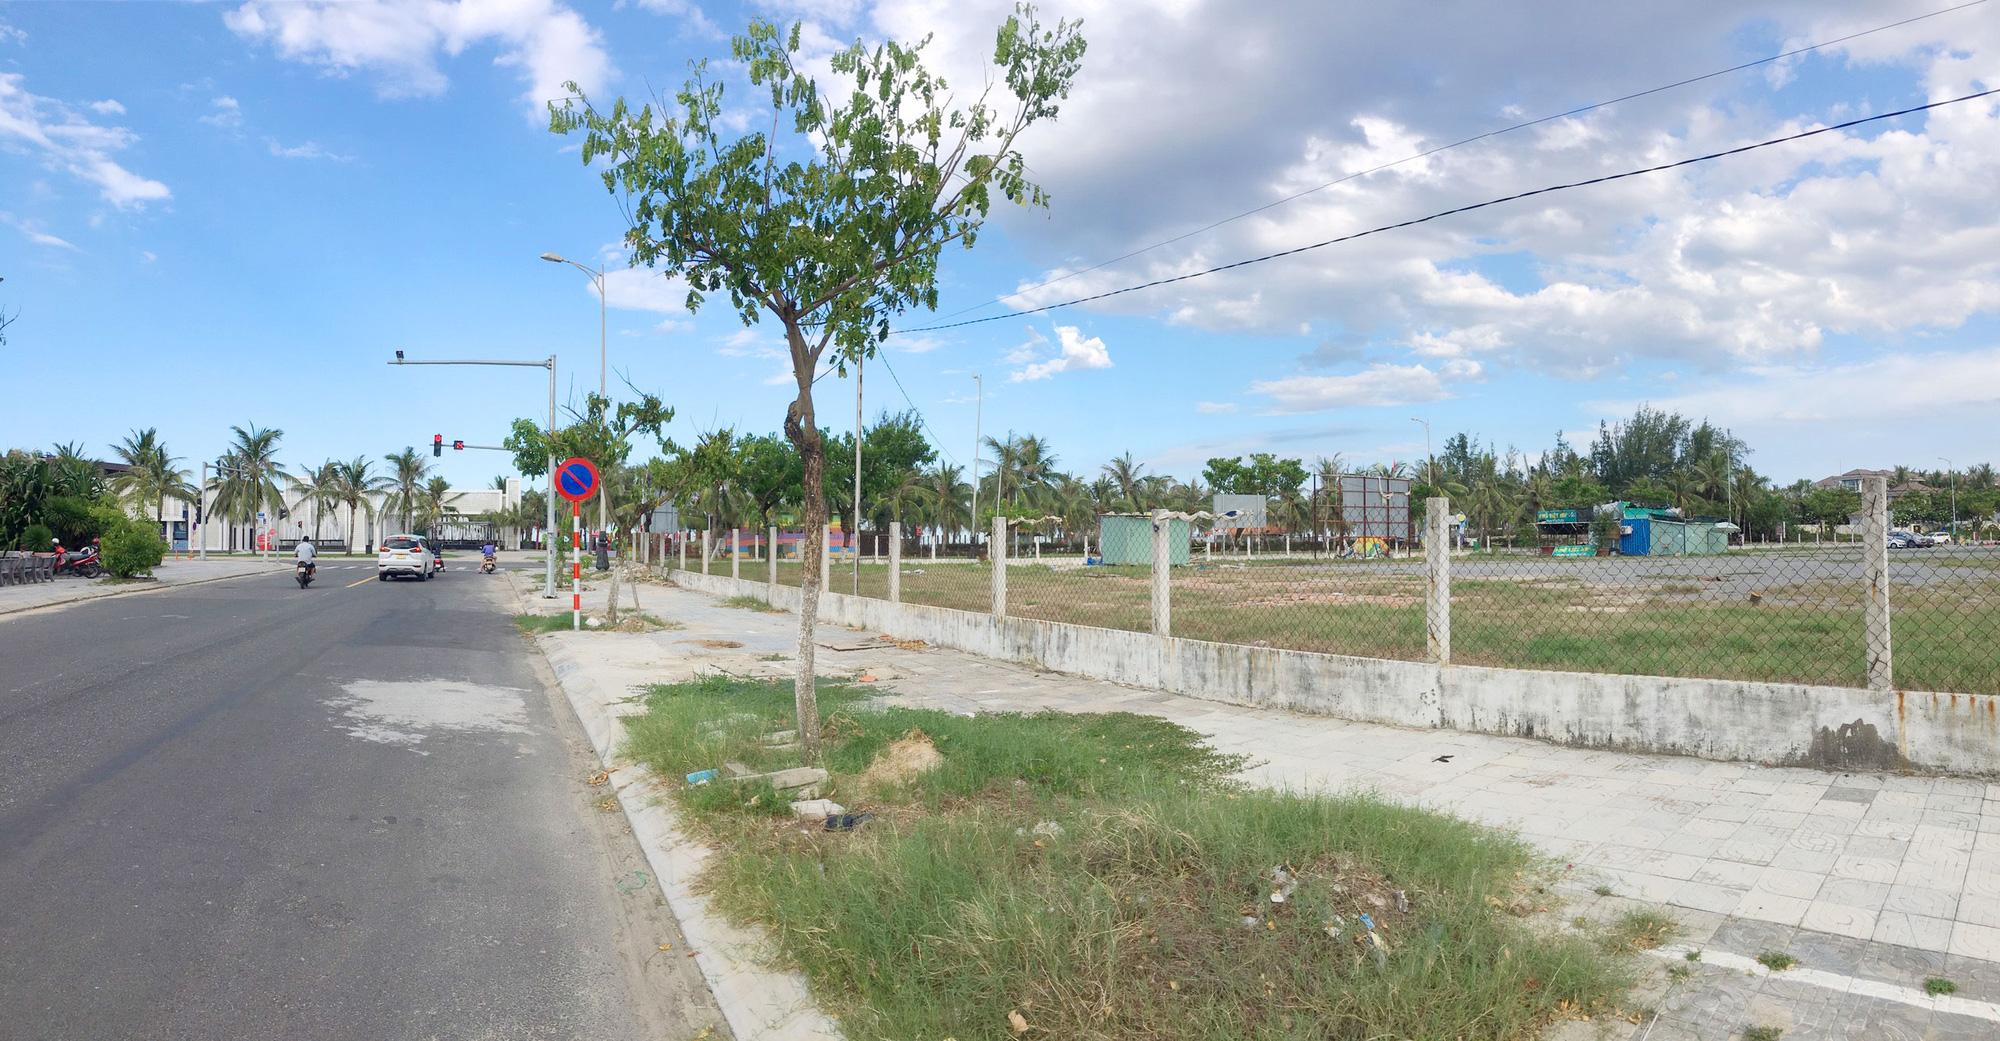 Cận cảnh hai khu đất sát bãi biển Mỹ Khê đẹp nhất Đà Nẵng sẽ đấu giá làm bãi đỗ xe - Ảnh 5.